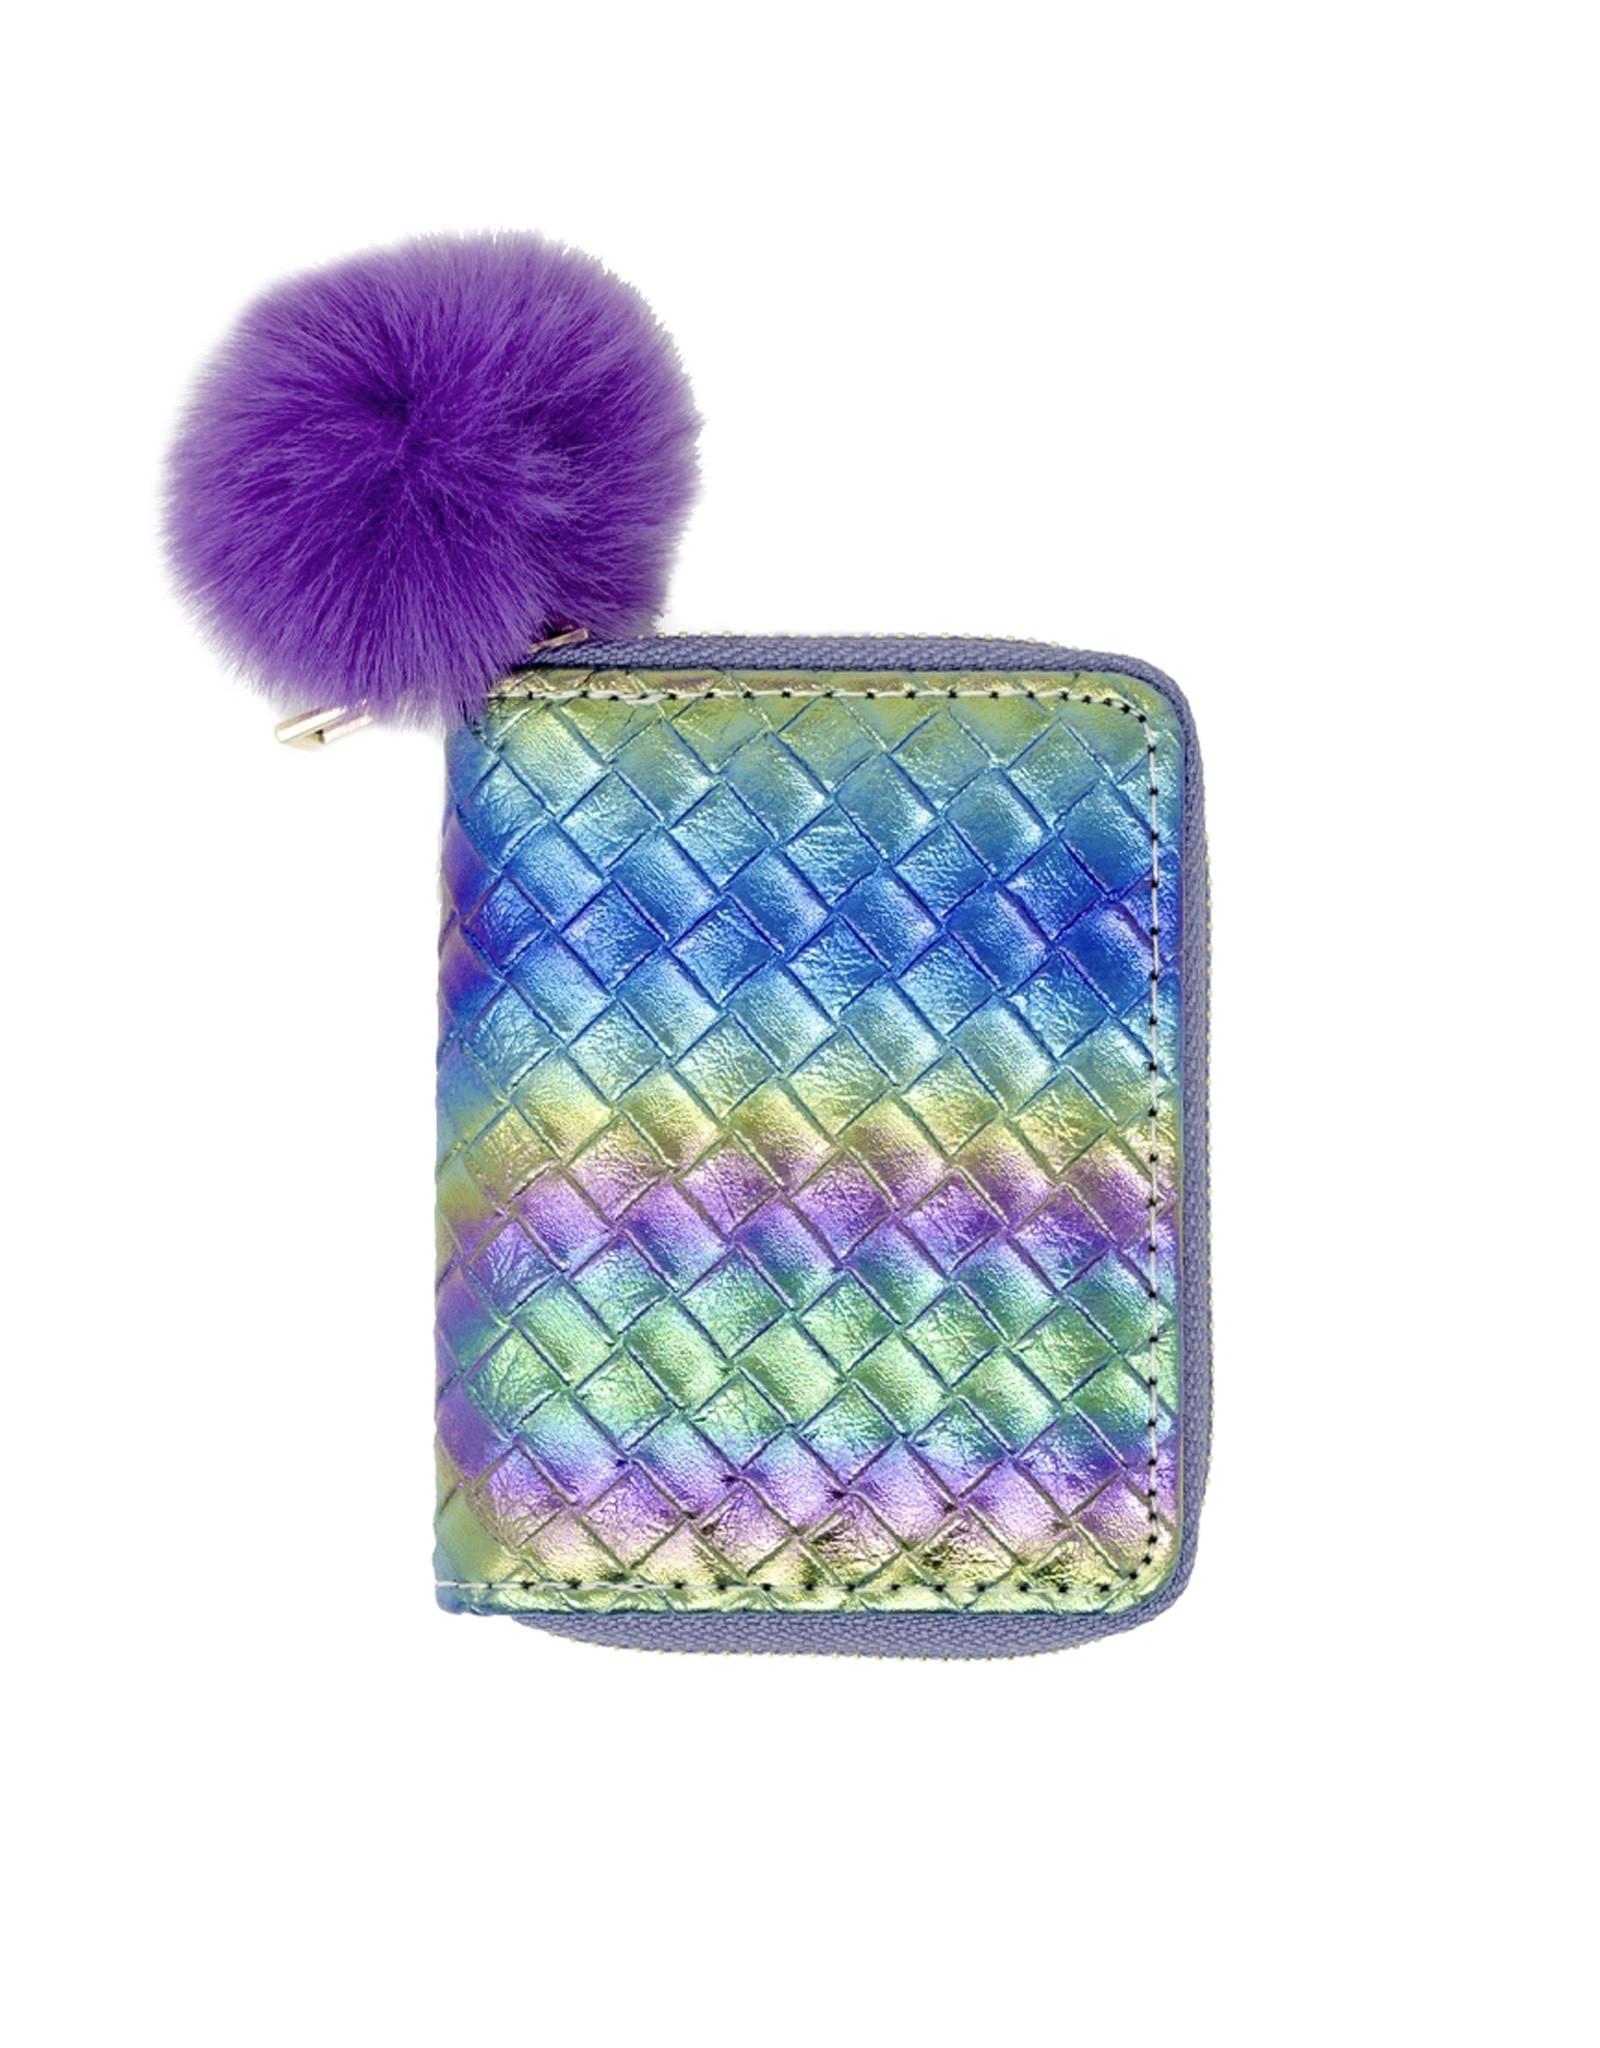 Tiny Treats & Zomi Gems Rainbow Mermaid Scale Wallet